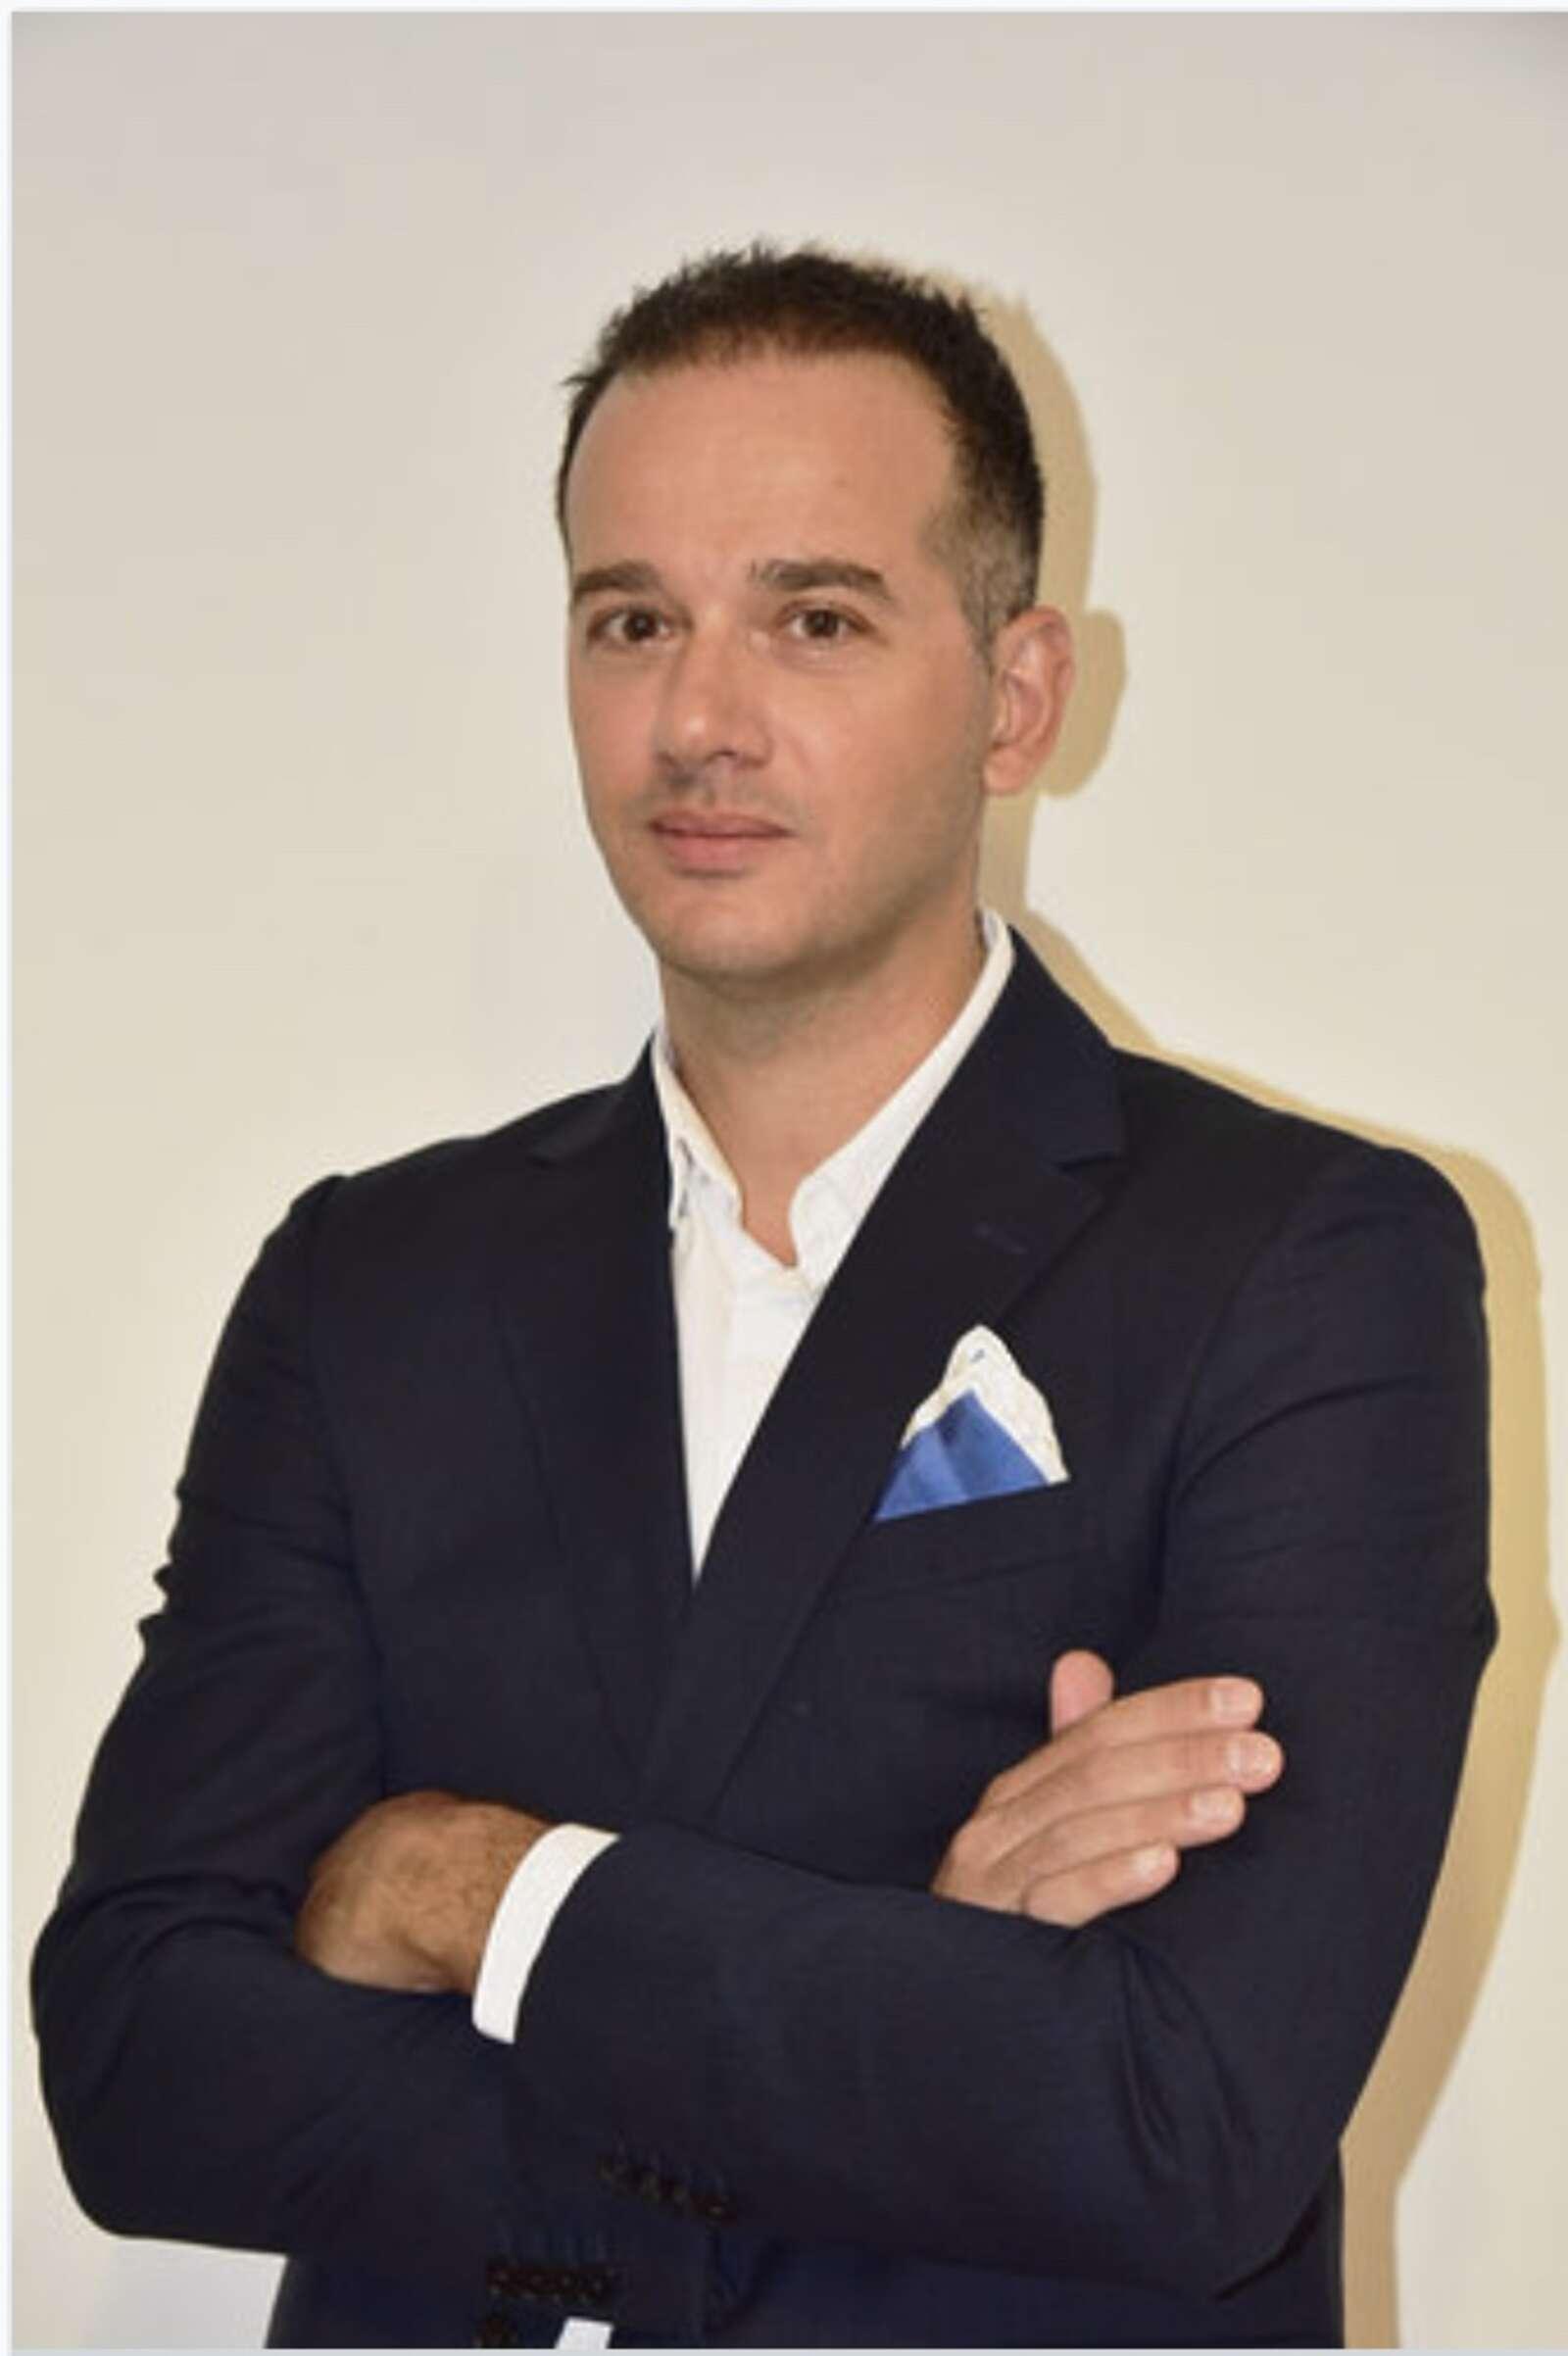 Δρ Νεκτάριος Σταμπολίδης